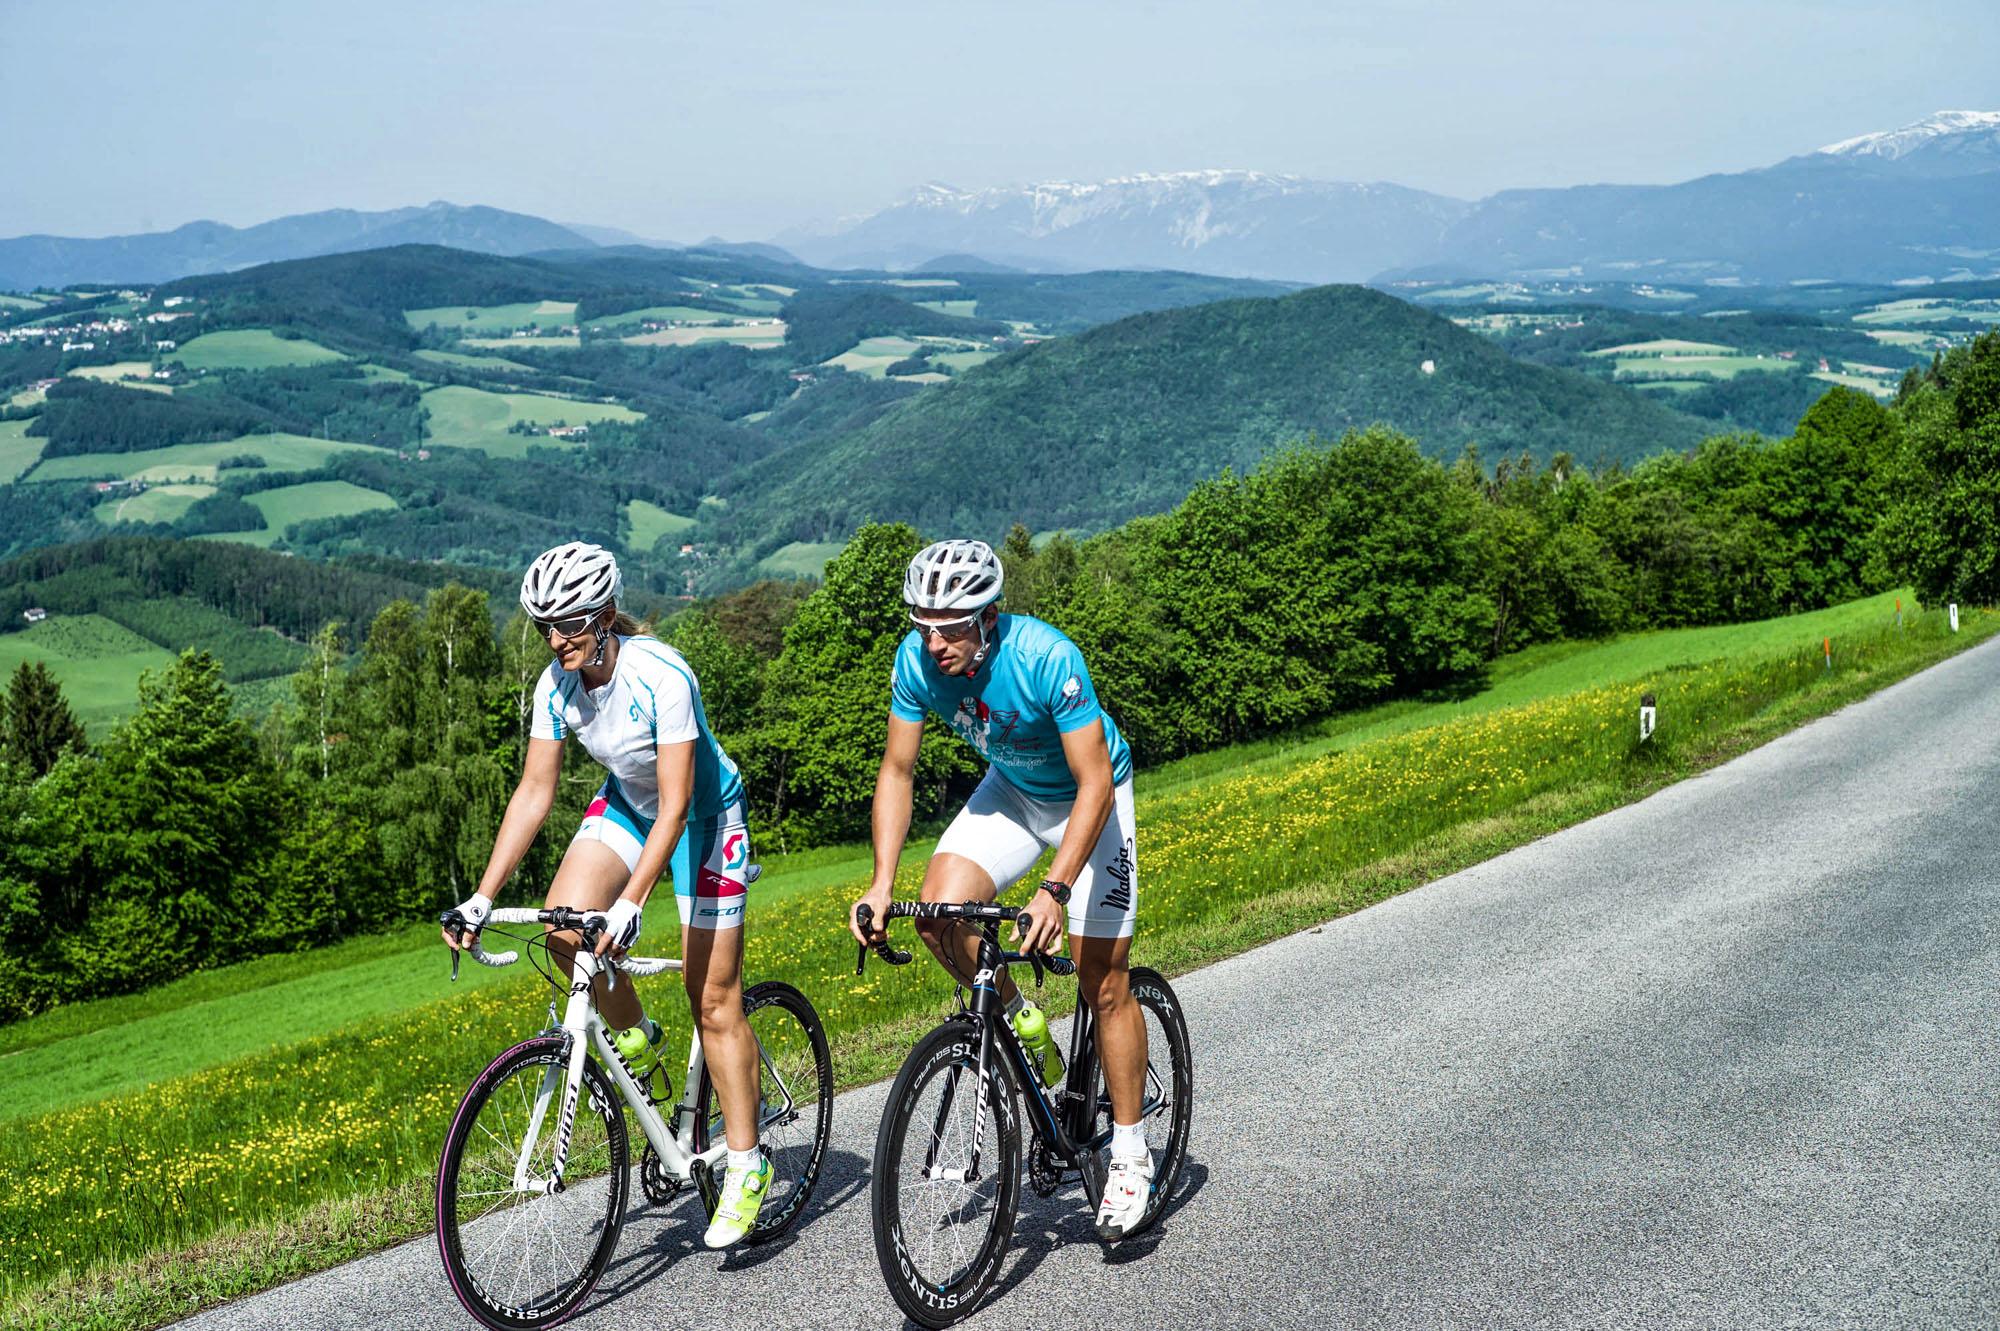 Zwei Rennradfahrer vor dem Panorama der Buckligen Welt